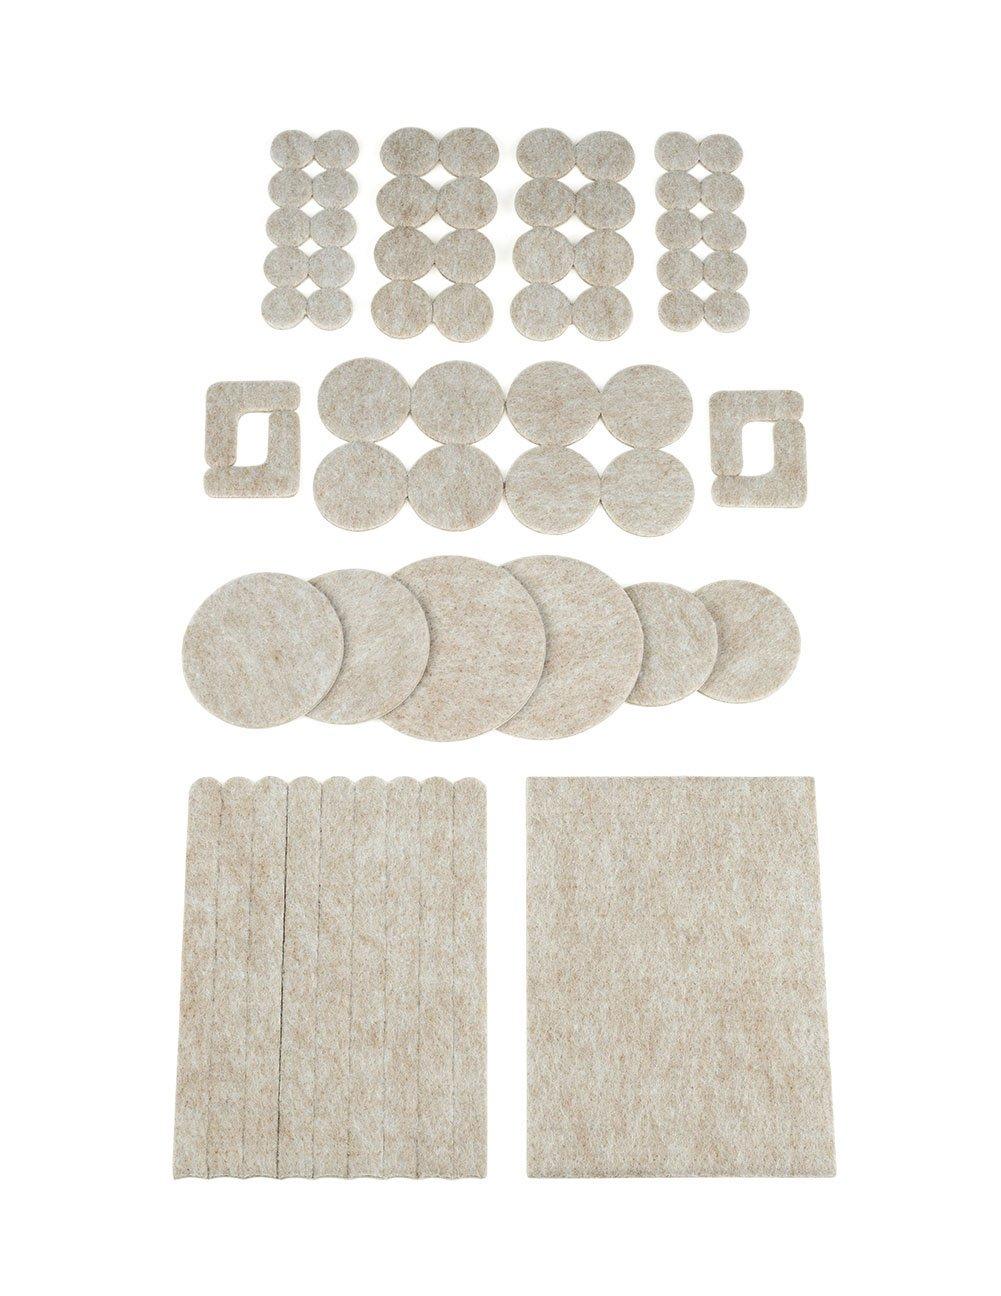 The Felt Store Selezione di Pattini Feltrini Pellicole Protettivi Tappetini Capertura Cappuccio per gambe delle sedie, tavole, mobilia, Kit con 64 pezzi, beige - Made in Kanada